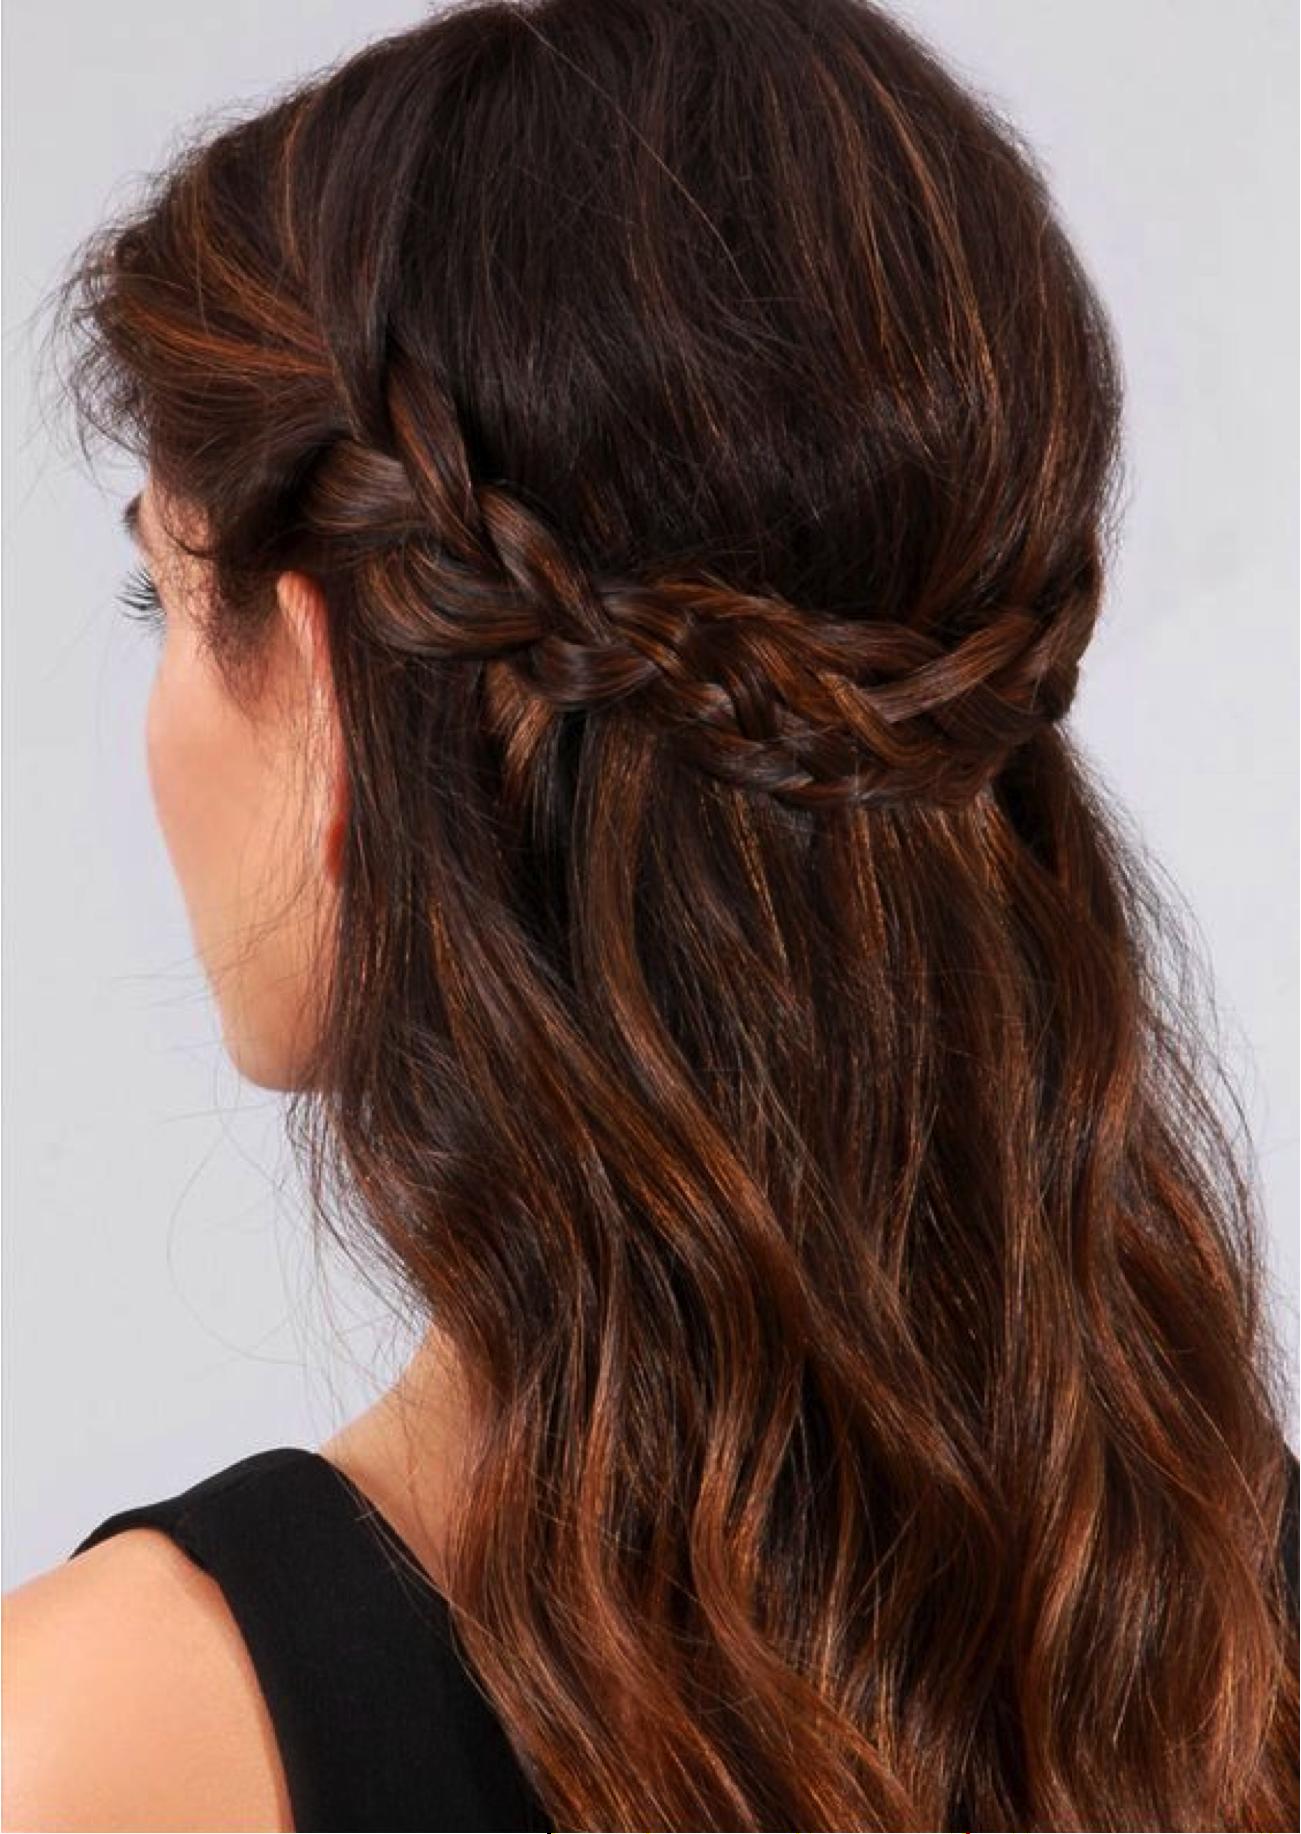 penteado pinterest coroa de tranças